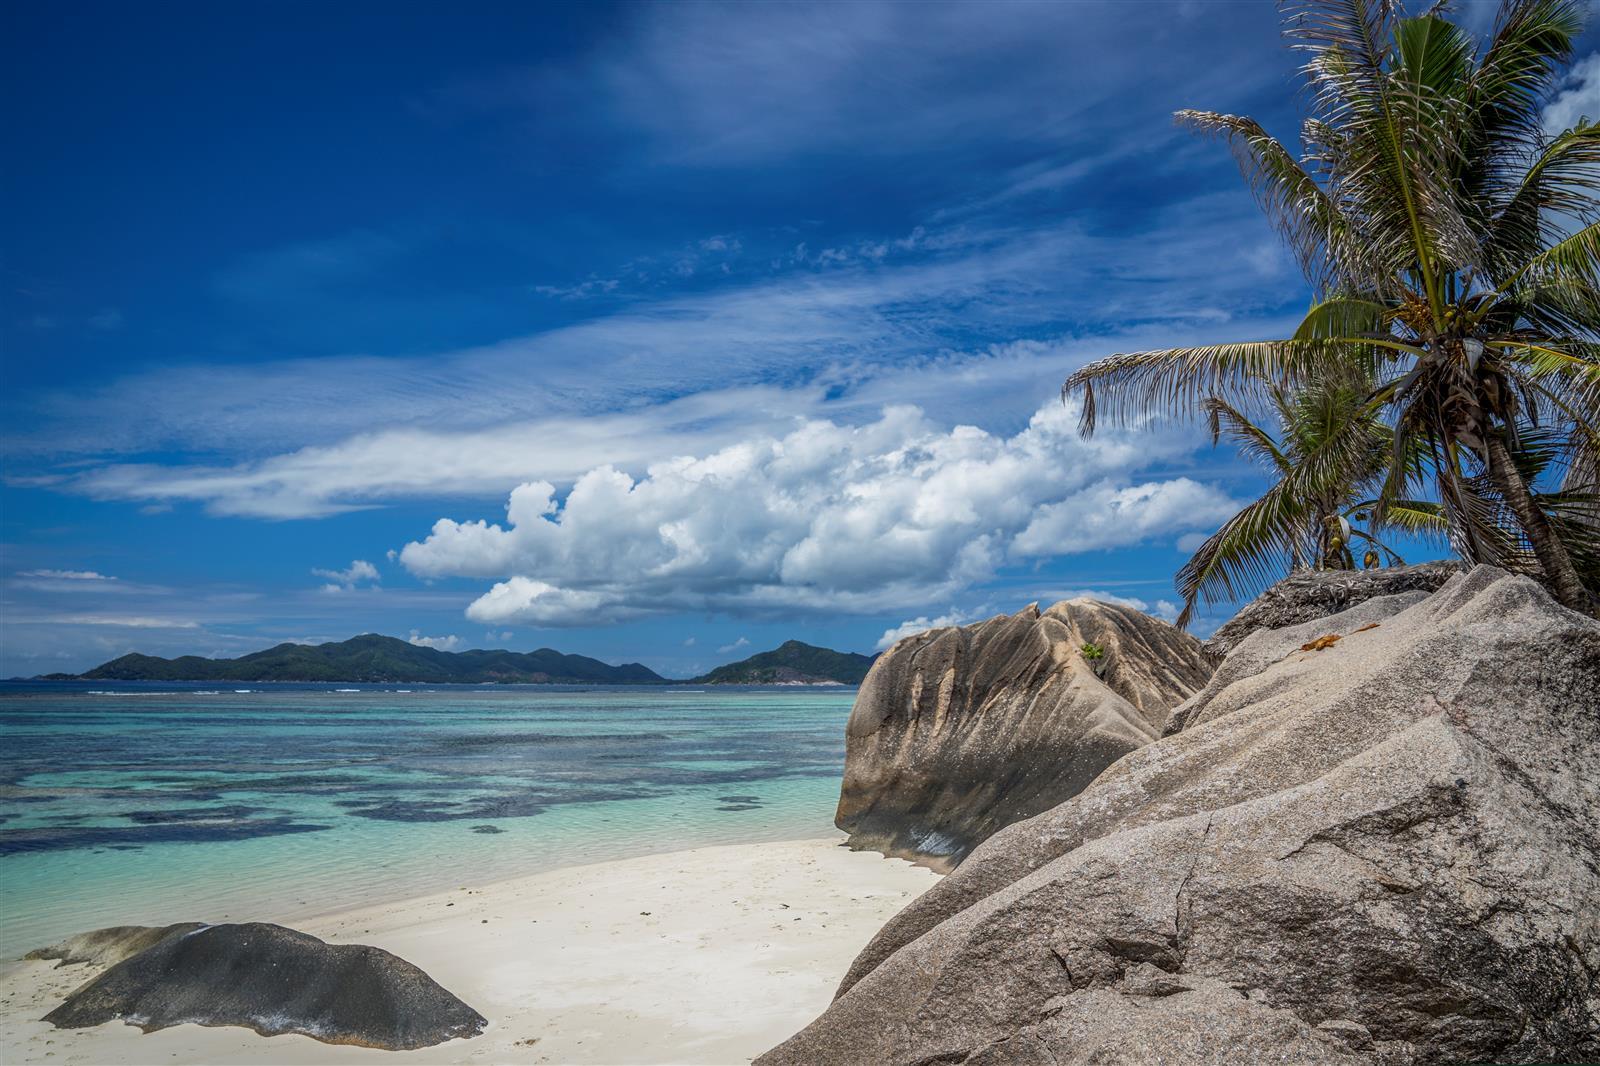 שווה את כאב הראש והזמן: תכננו בעצמכם את הנסיעה לאיי סיישל (צילום: איתמר קוטלר) (צילום: איתמר קוטלר)